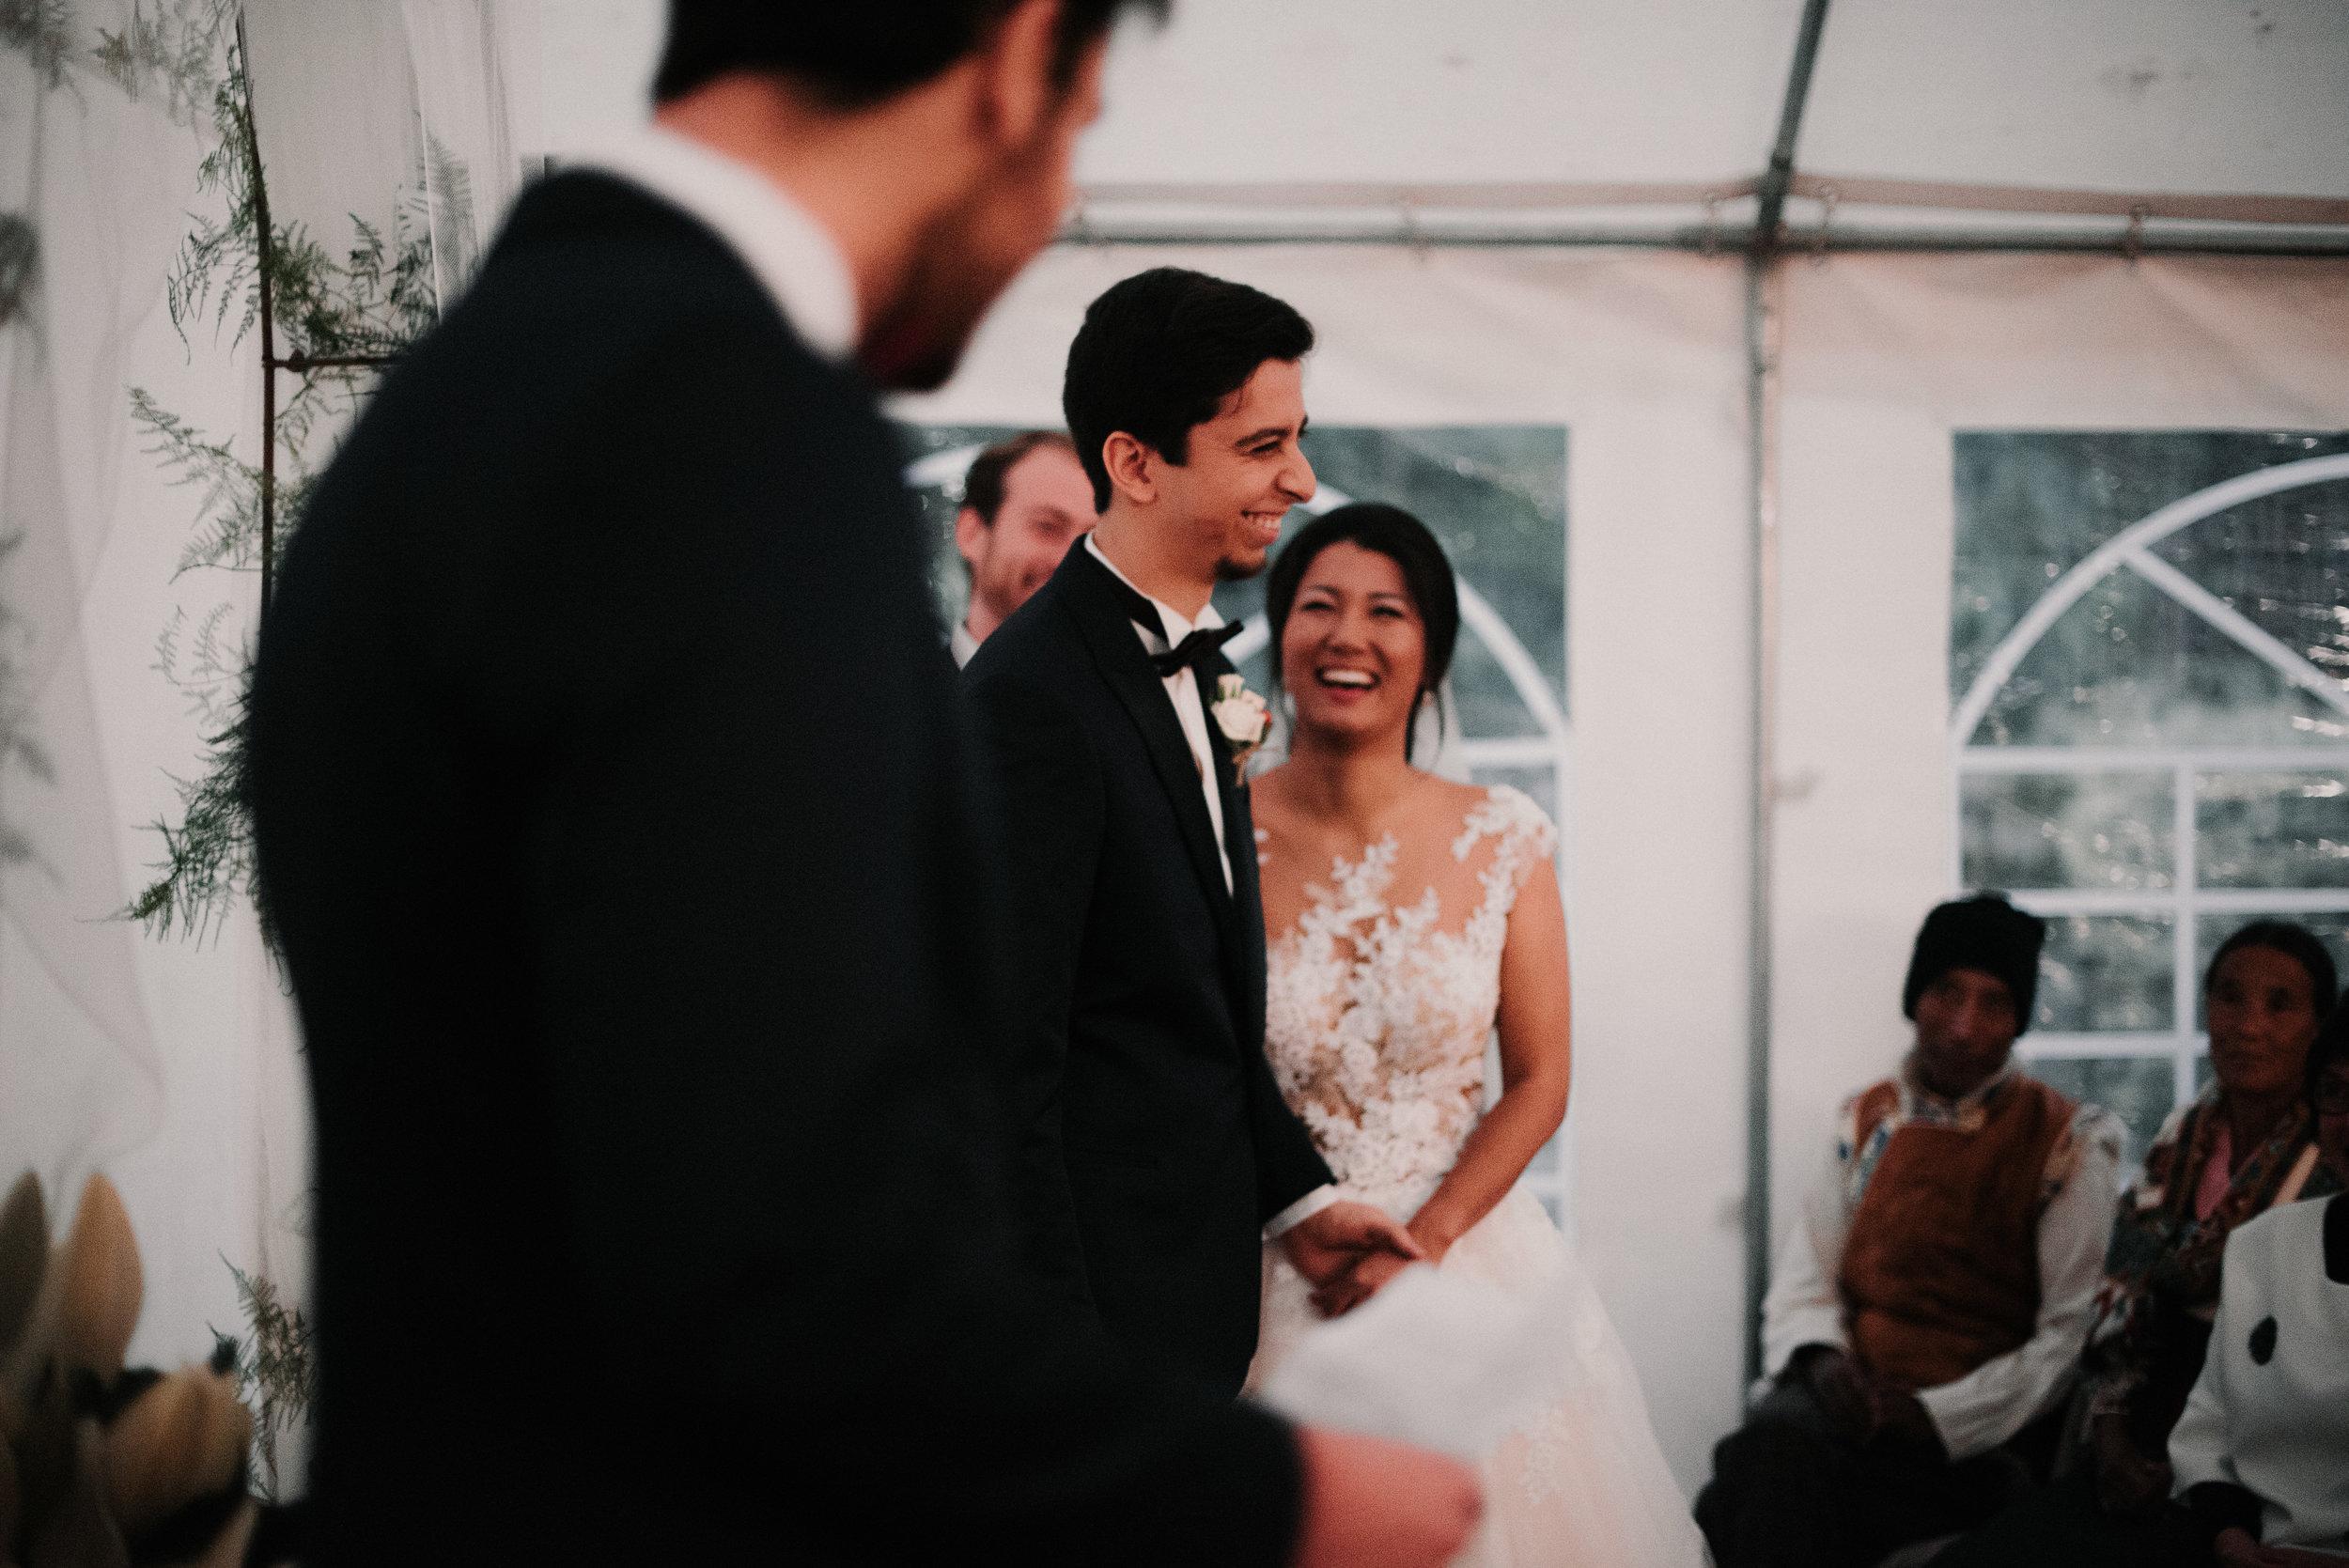 Léa-Fery-photographe-professionnel-lyon-rhone-alpes-portrait-creation-mariage-evenement-evenementiel-famille-7439.jpg